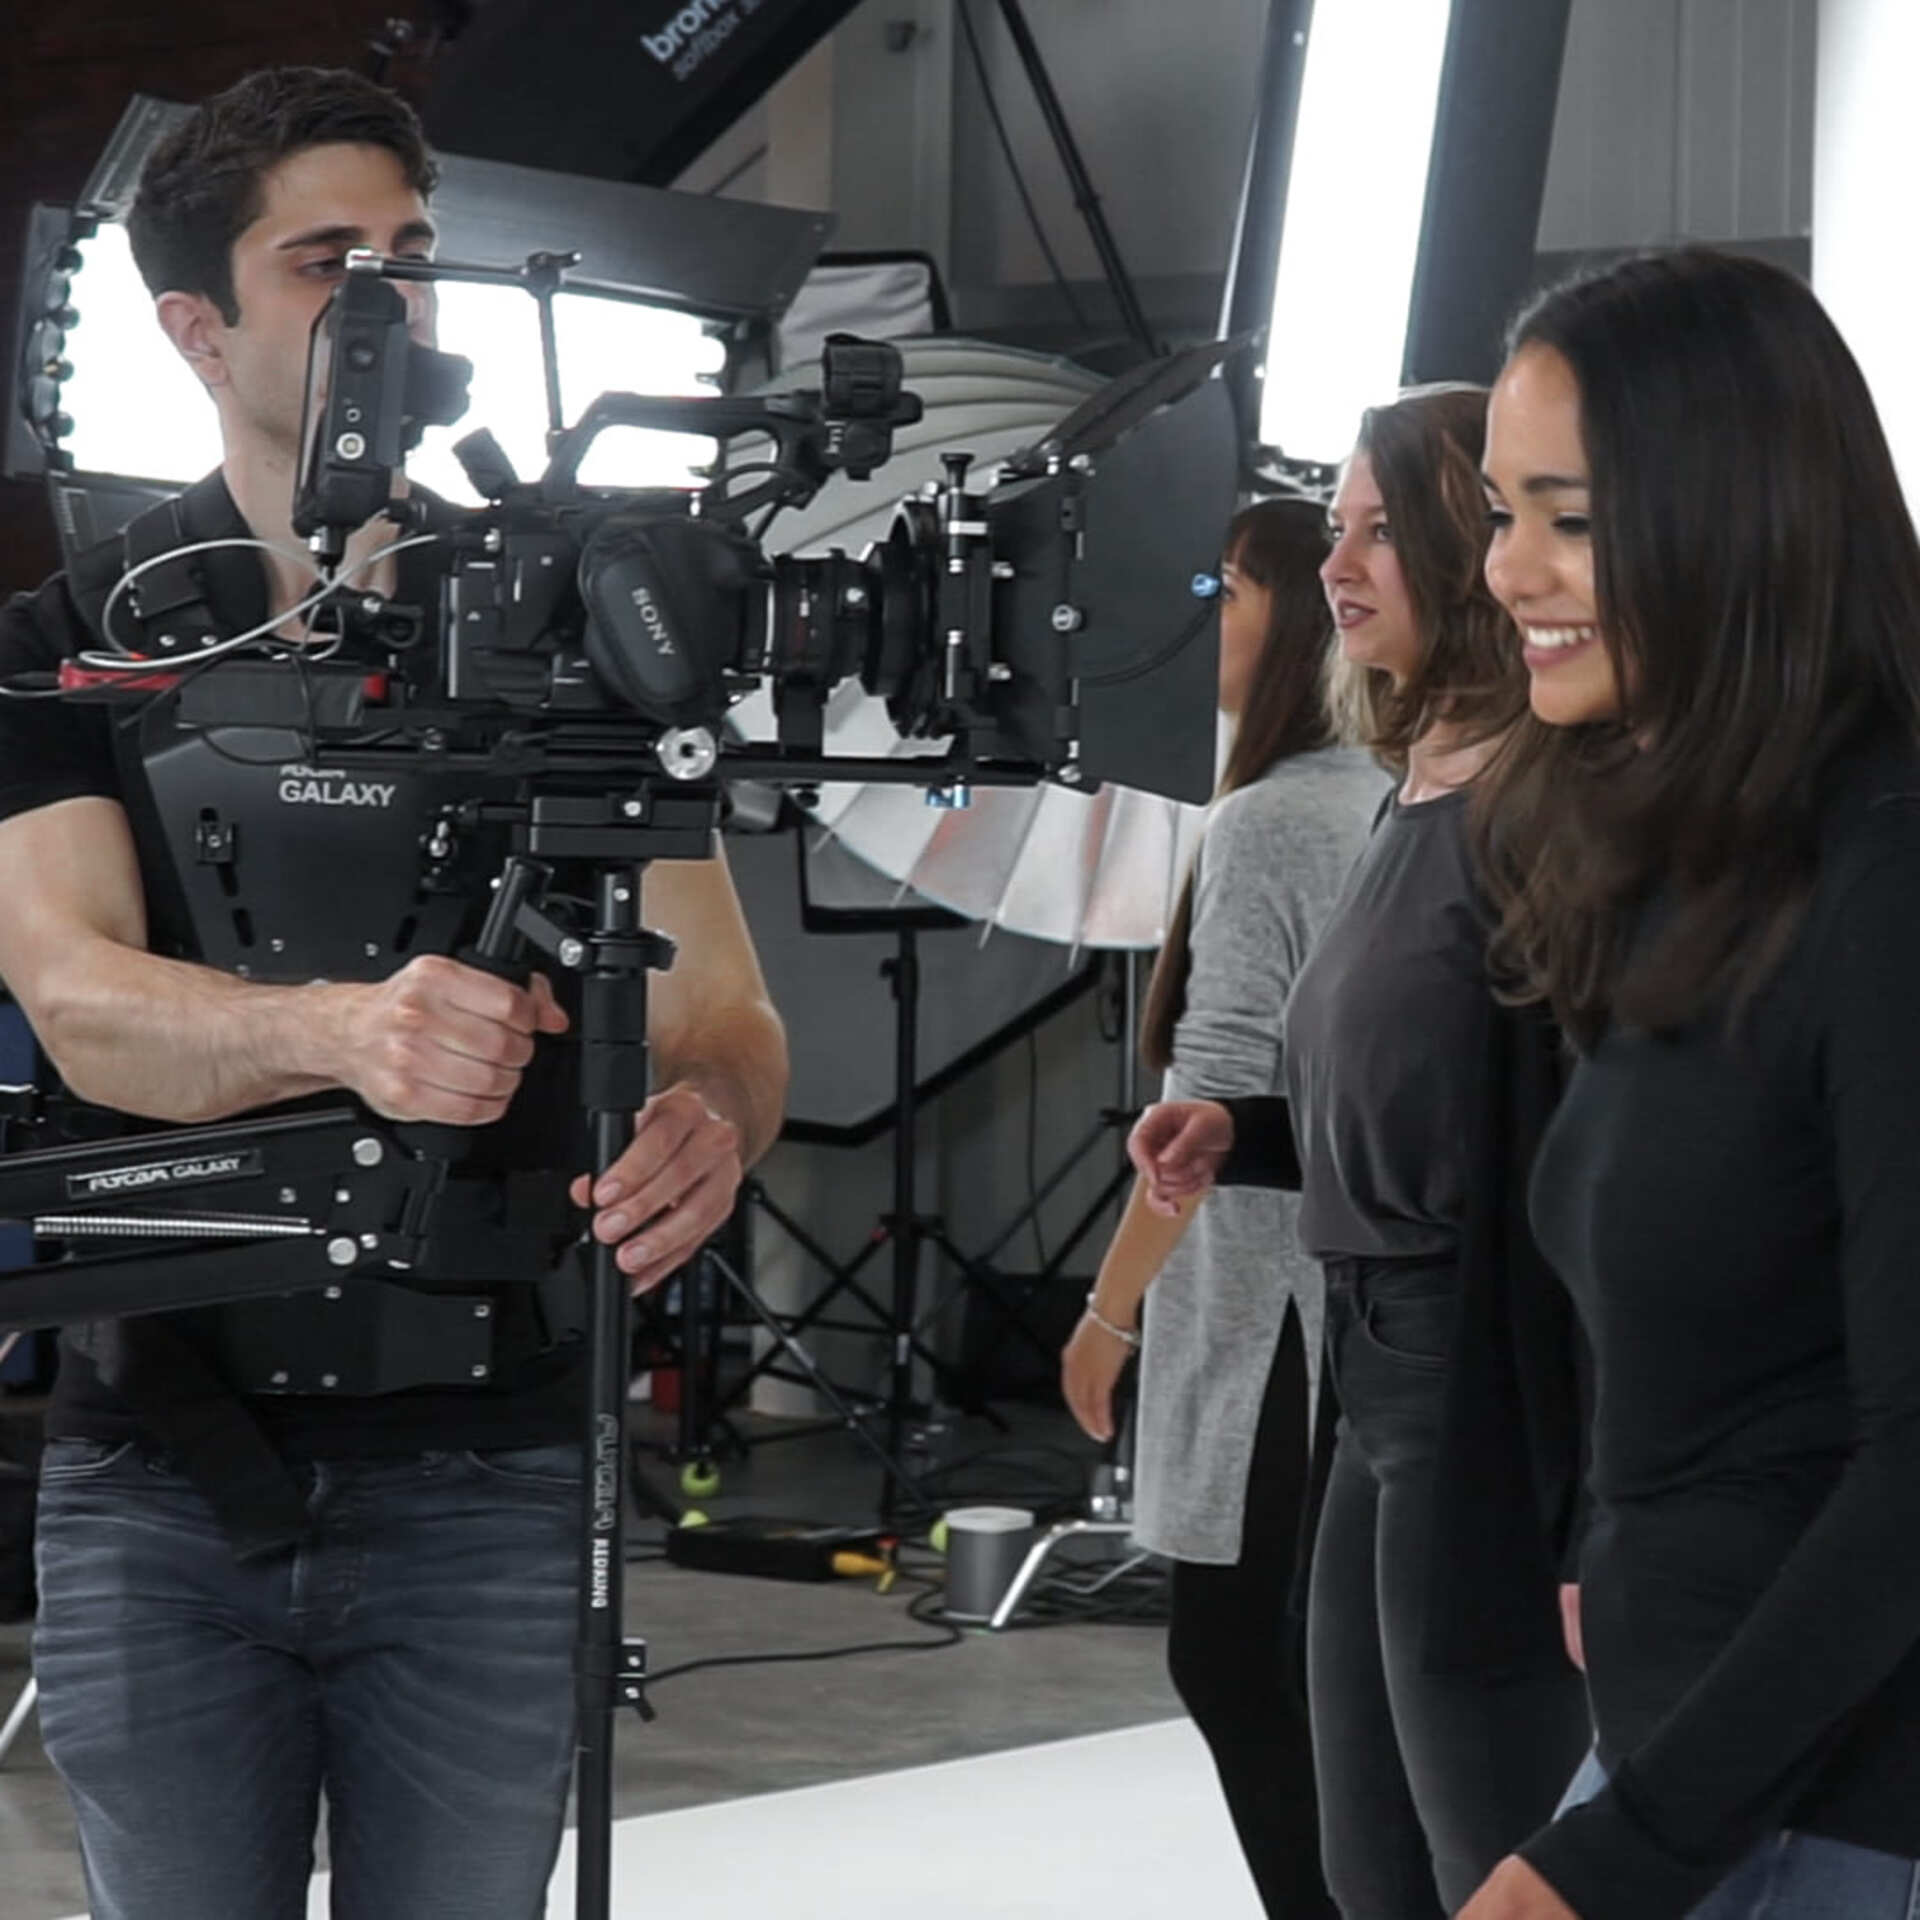 Steadicam operator filmt musikvideo in studio